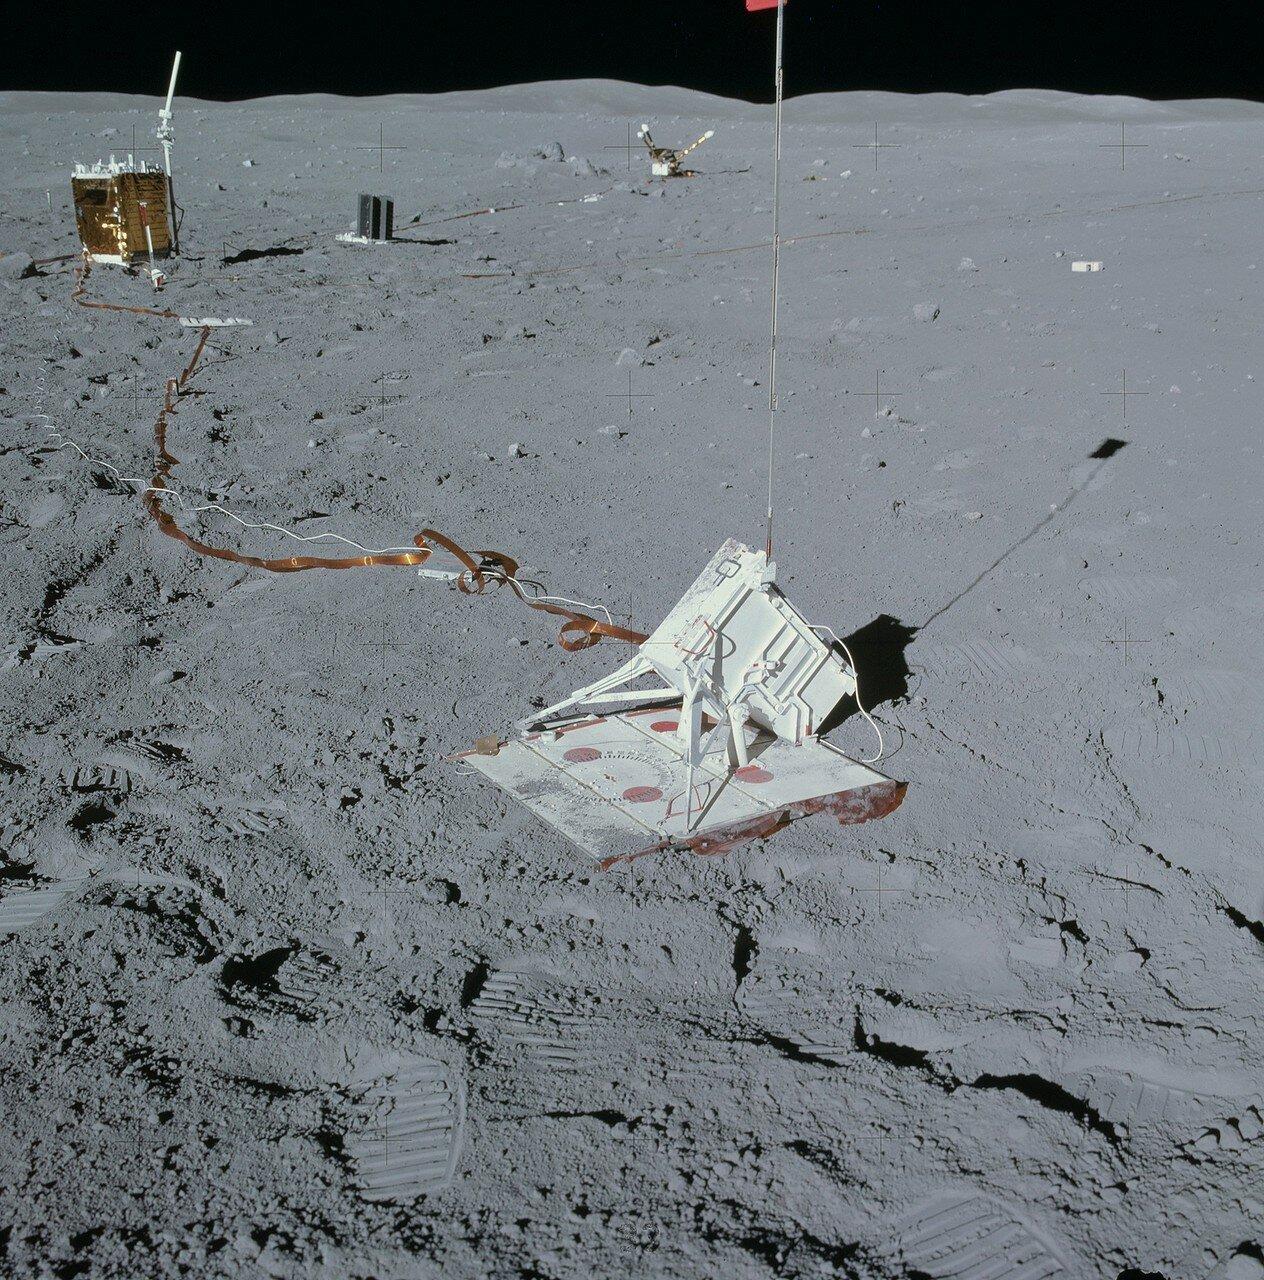 Когда Янг начал размещать миномёт для активного сейсмического эксперимента, он случайно задел ногой один из кабелей и оборвал его у самого основания. Прибор для изучения тепловых потоков в лунном грунте вышел из строя. На снимке: миномет